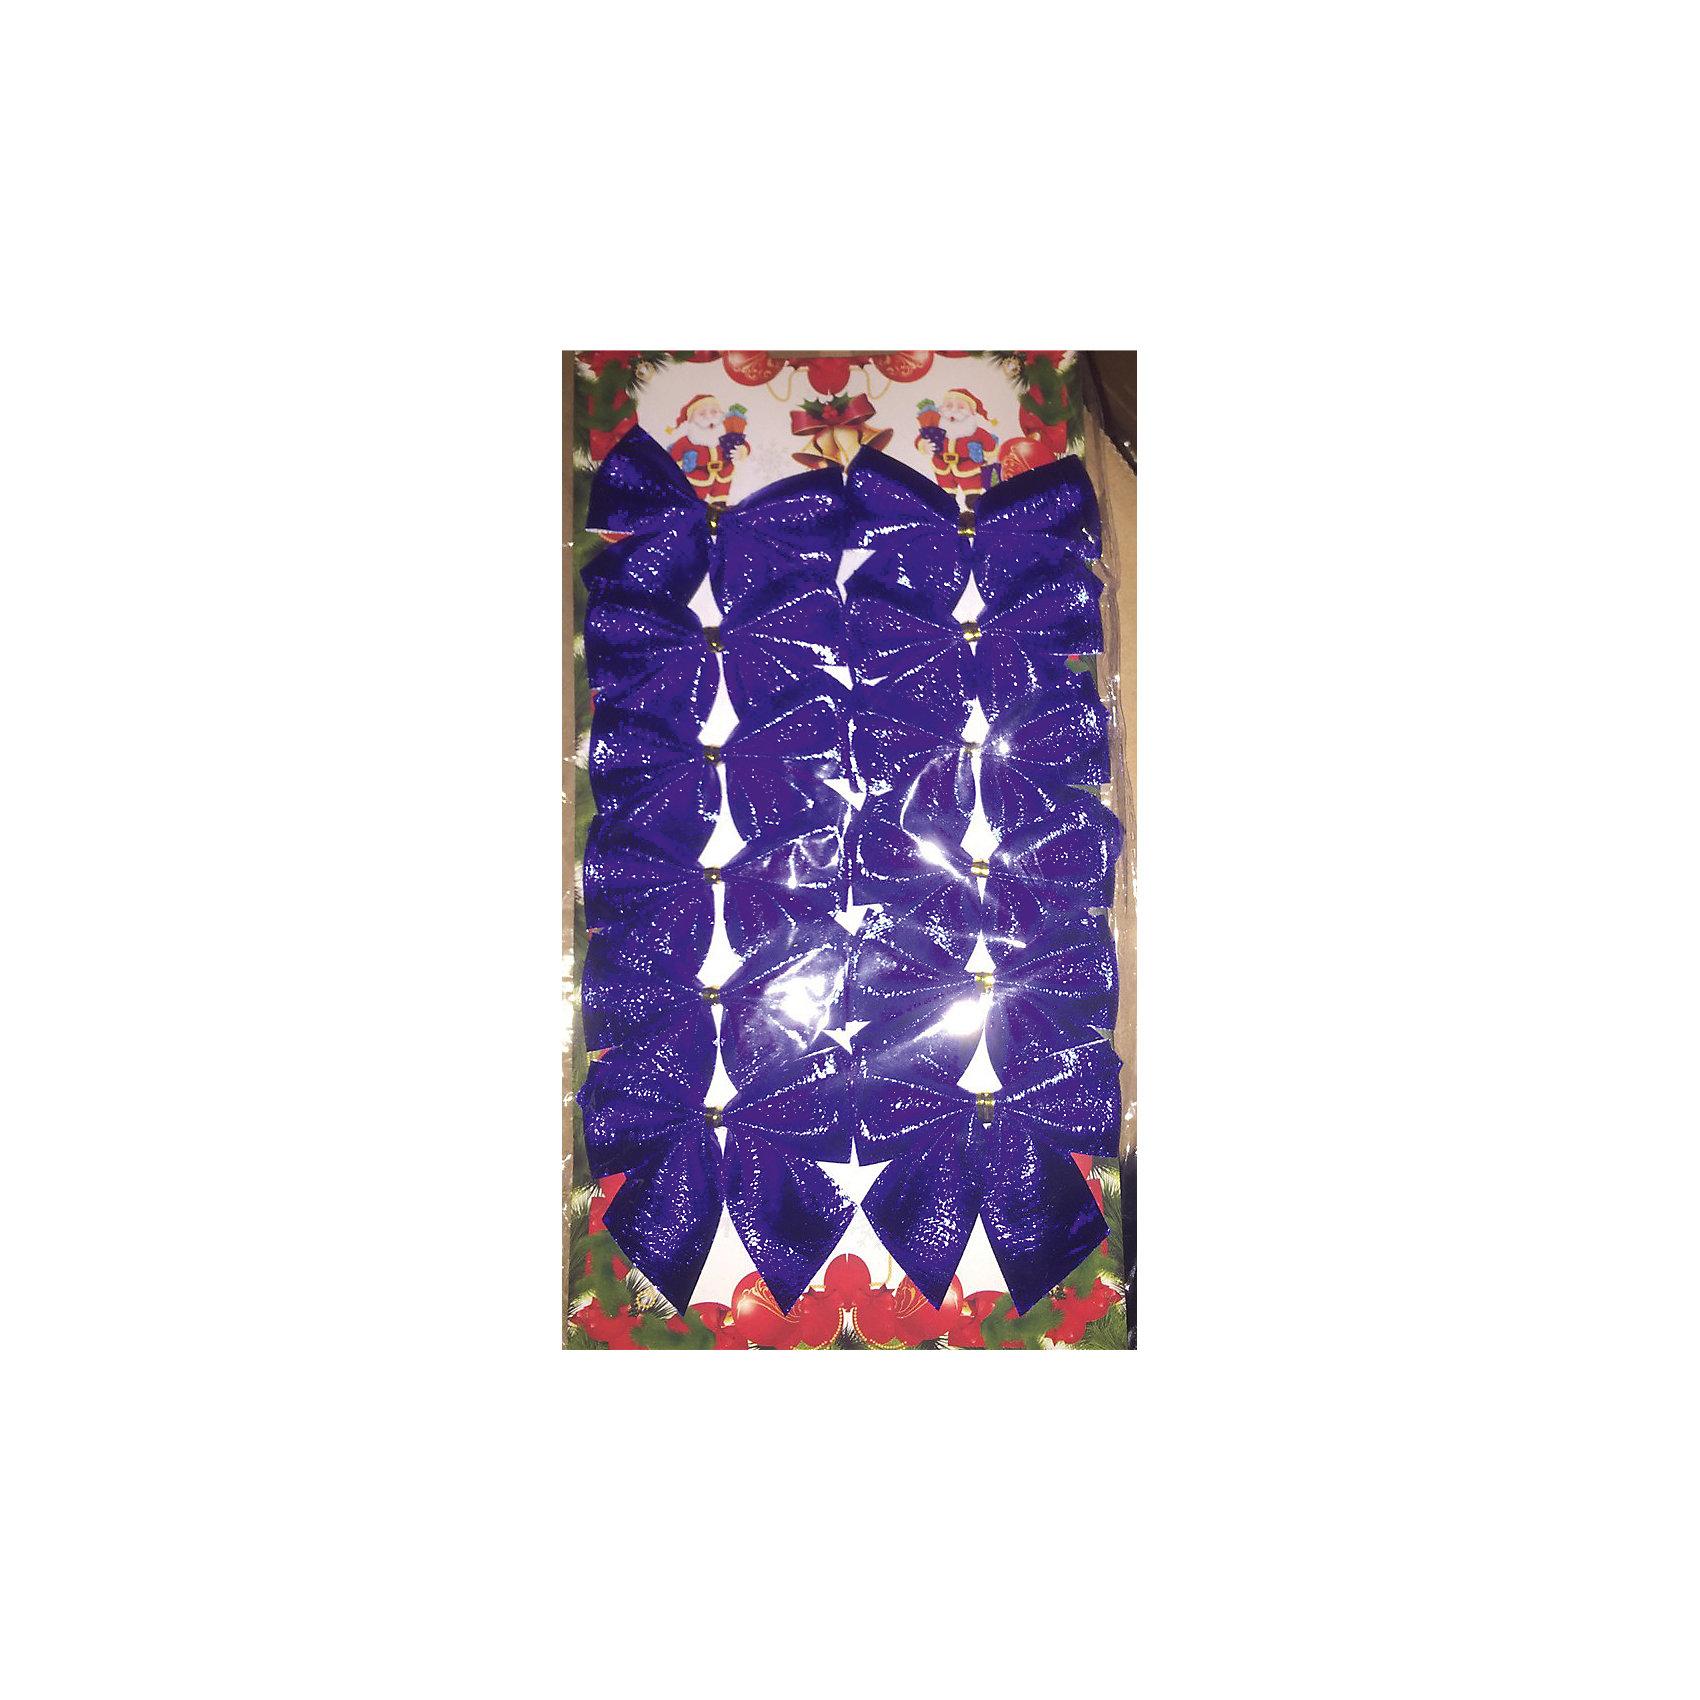 Новогоднее украшение из полиэстера Бант синее небо (5*5см,набор из 12 шт.)Новогоднее украшение из полиэстера Бант синее небо арт.39200 (5*5см, для декорирования елки (набор из 12 шт.) / 5*5см арт.39200<br><br>Ширина мм: 245<br>Глубина мм: 130<br>Высота мм: 1<br>Вес г: 16<br>Возраст от месяцев: 60<br>Возраст до месяцев: 600<br>Пол: Унисекс<br>Возраст: Детский<br>SKU: 5144576